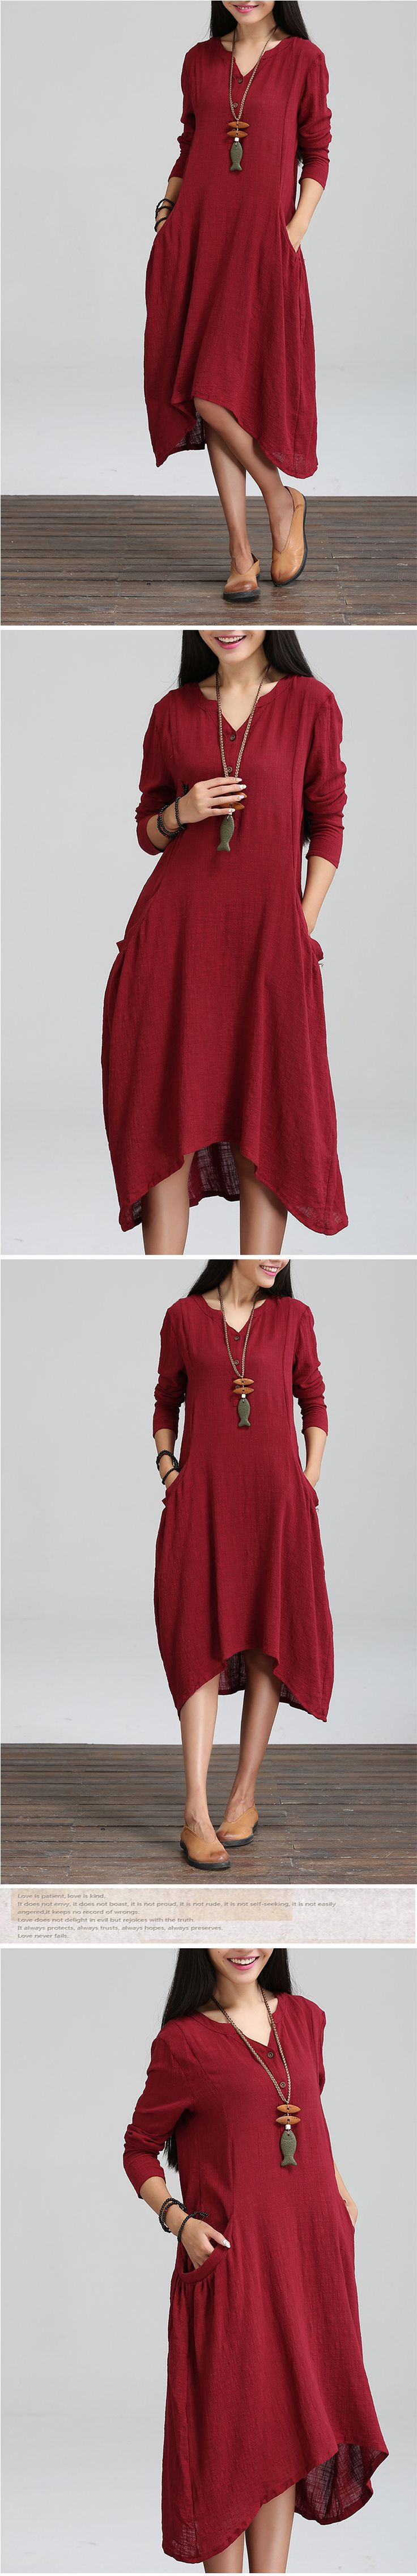 Платья : Свободное платье с присборенными карманами и длинными втачными рукавами